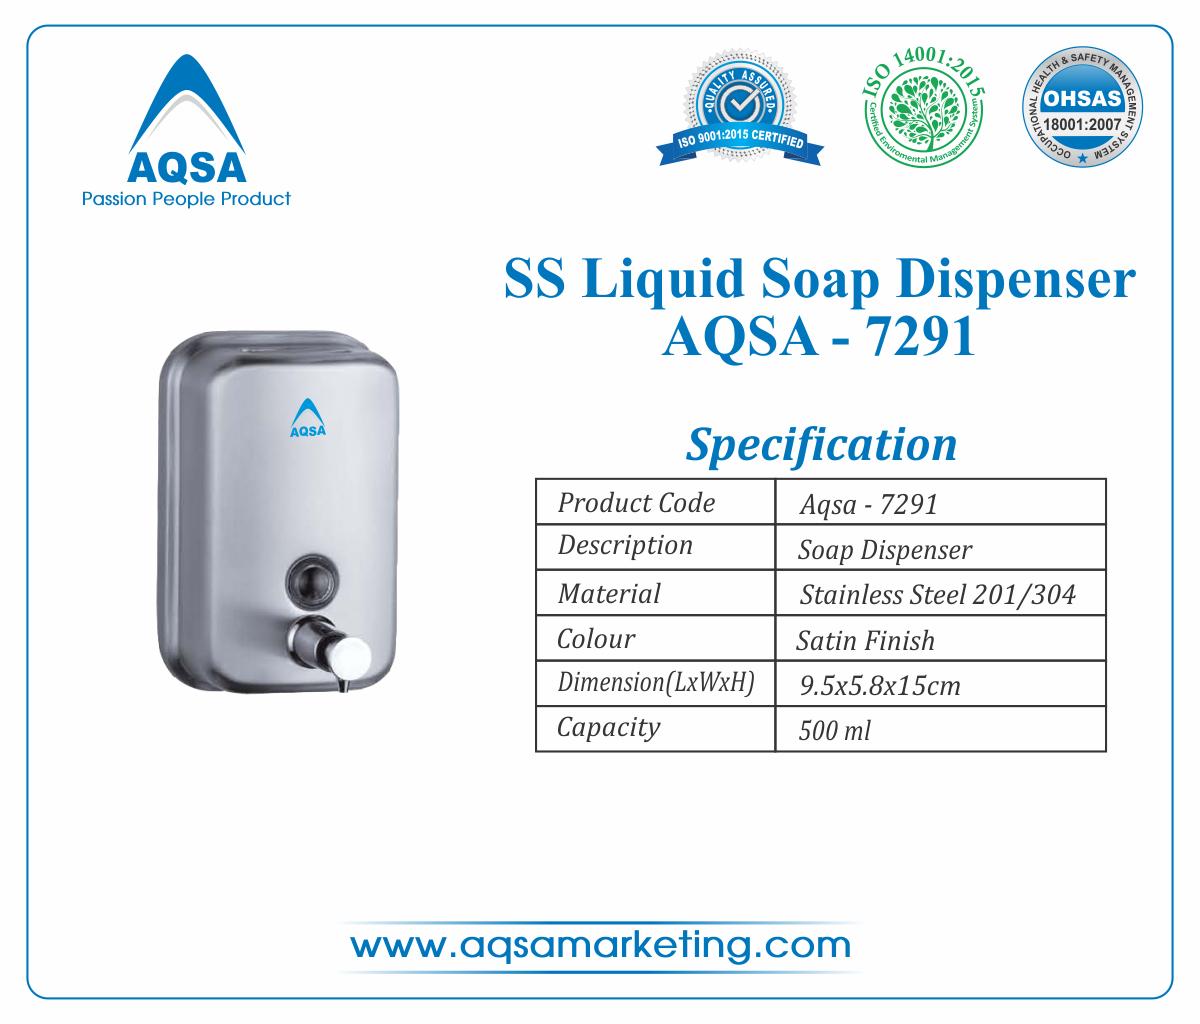 SS Soap Dispenser 500 ml AQSA-7291 image